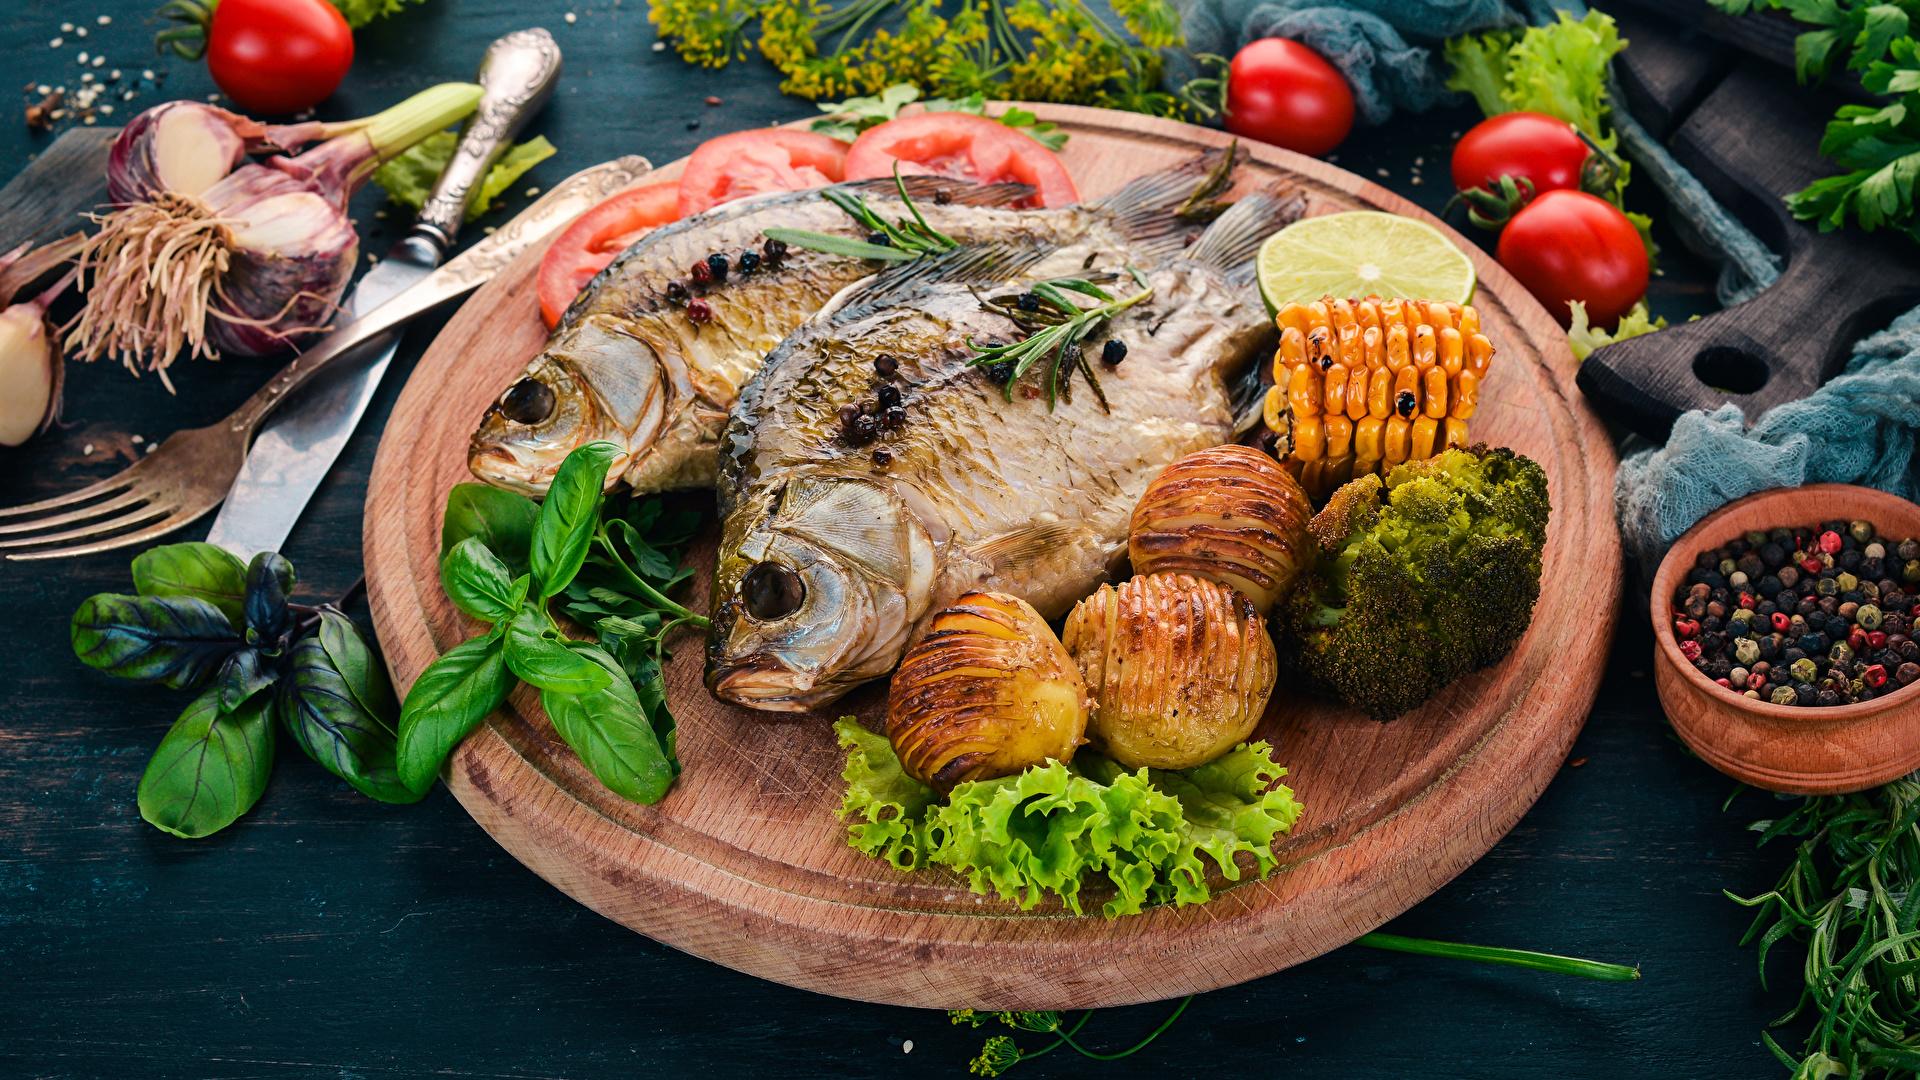 Foto Kartoffel Fische - Lebensmittel Gemüse Lebensmittel Schneidebrett 1920x1080